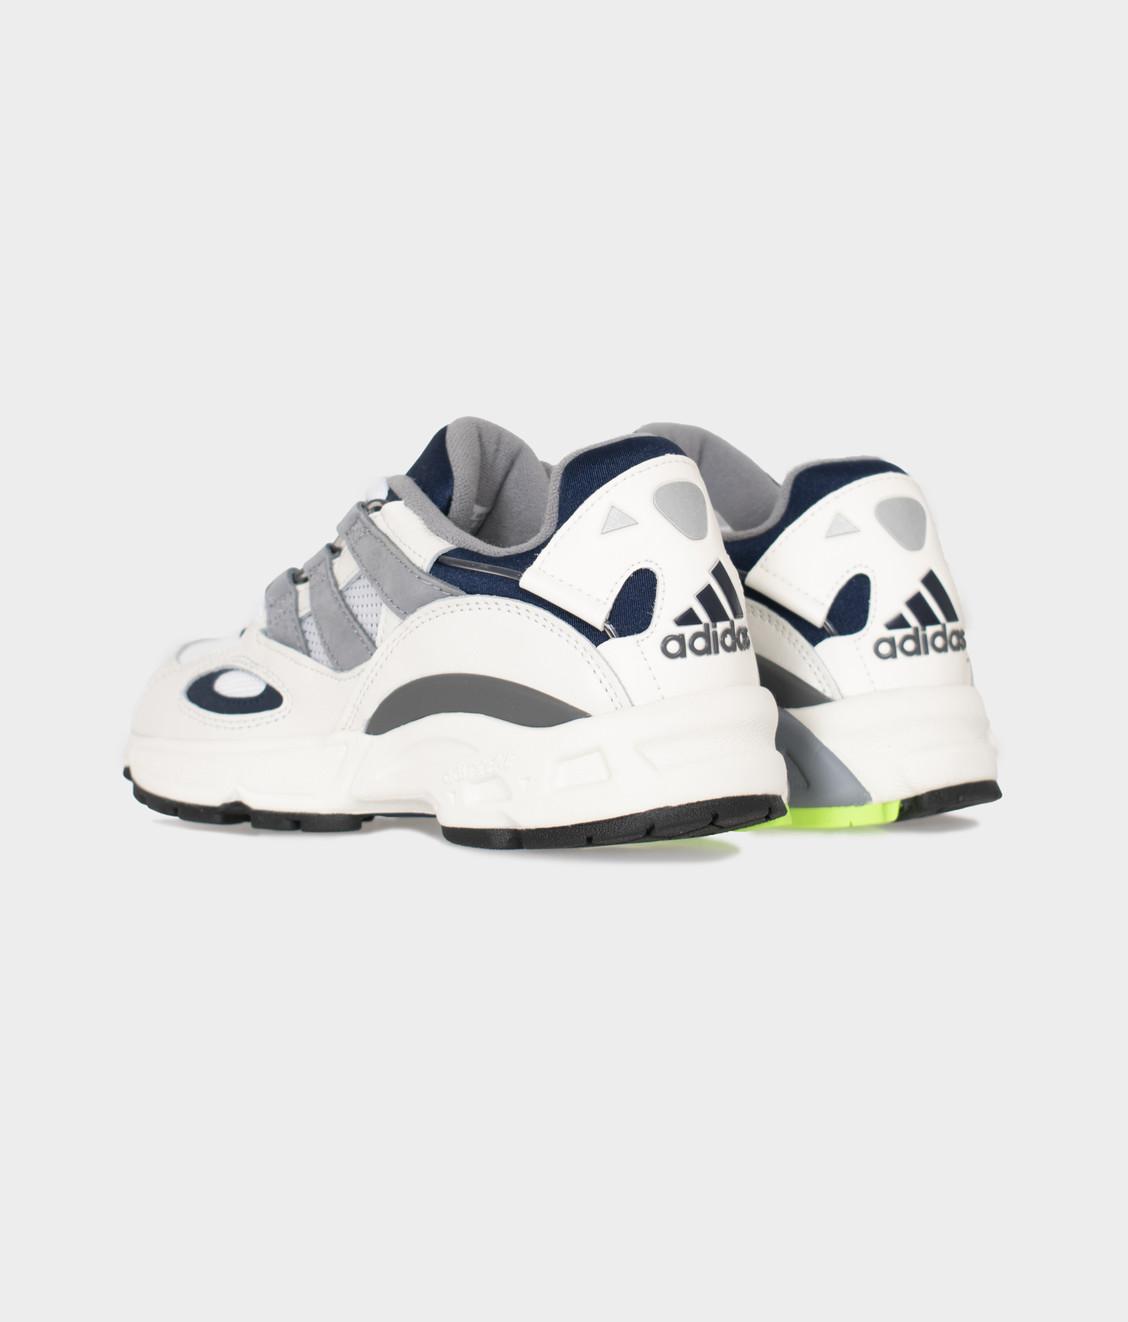 Adidas Adidas Lxcon 94 White Navy